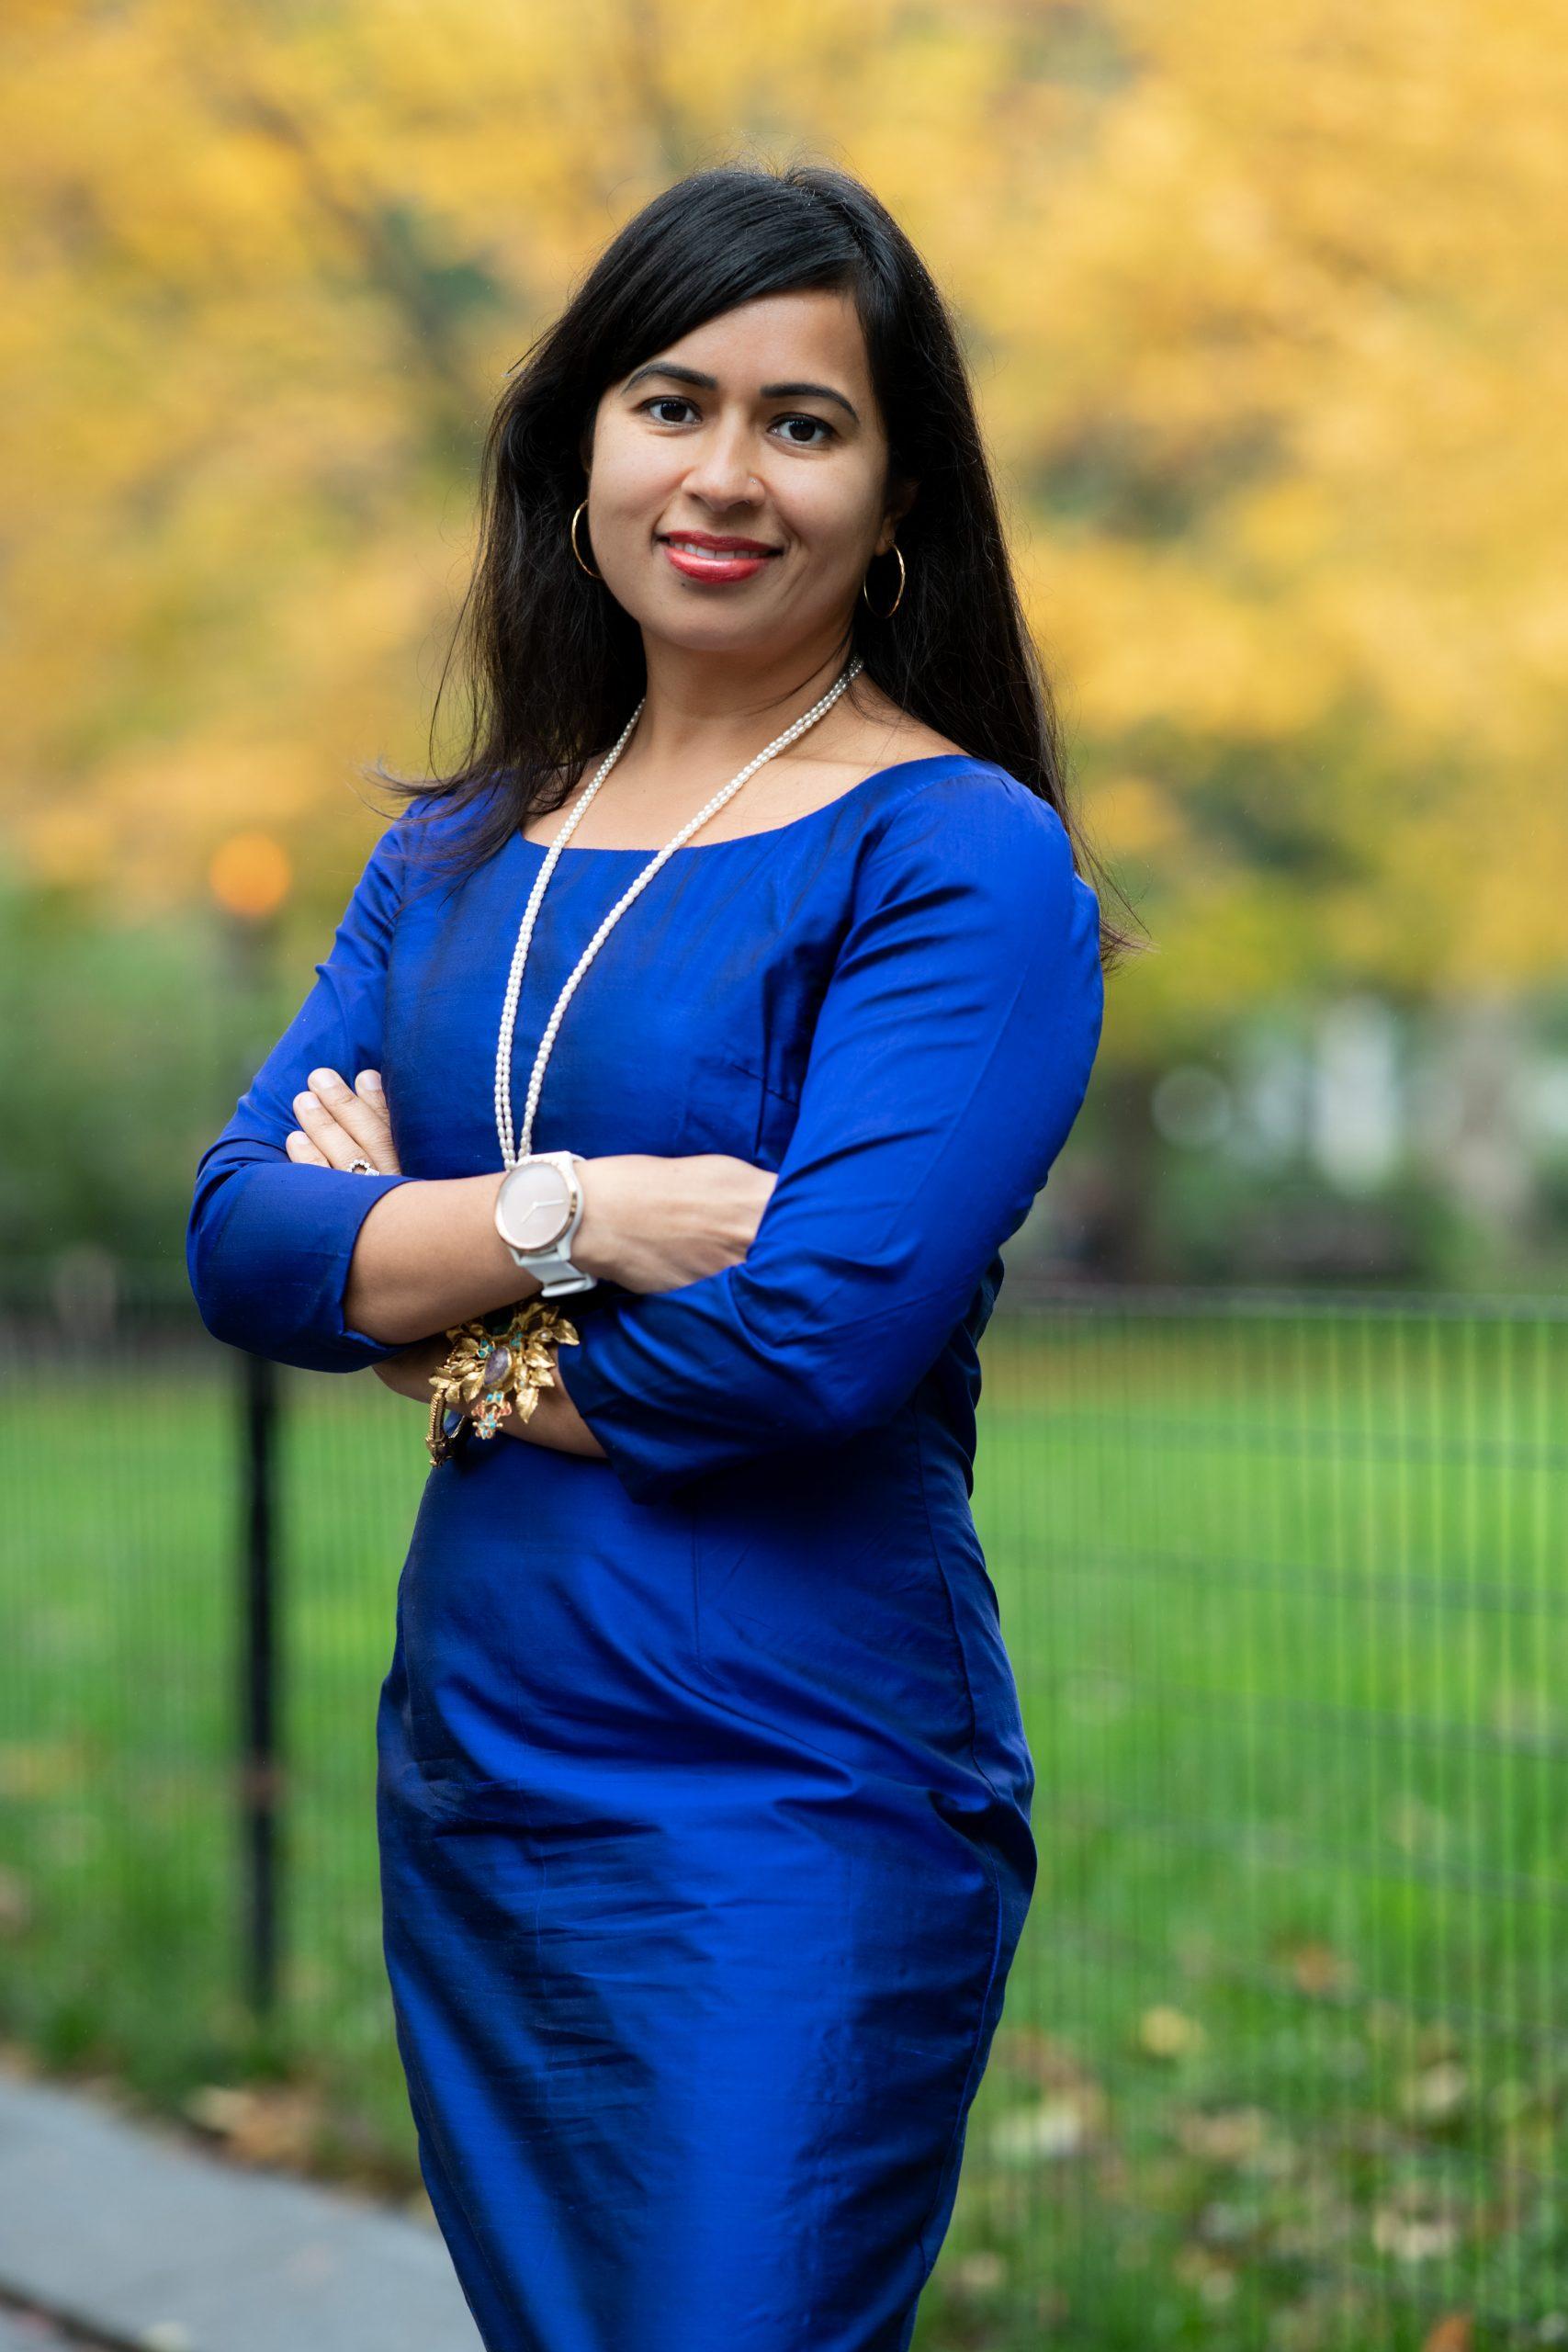 Priya Chaudhry